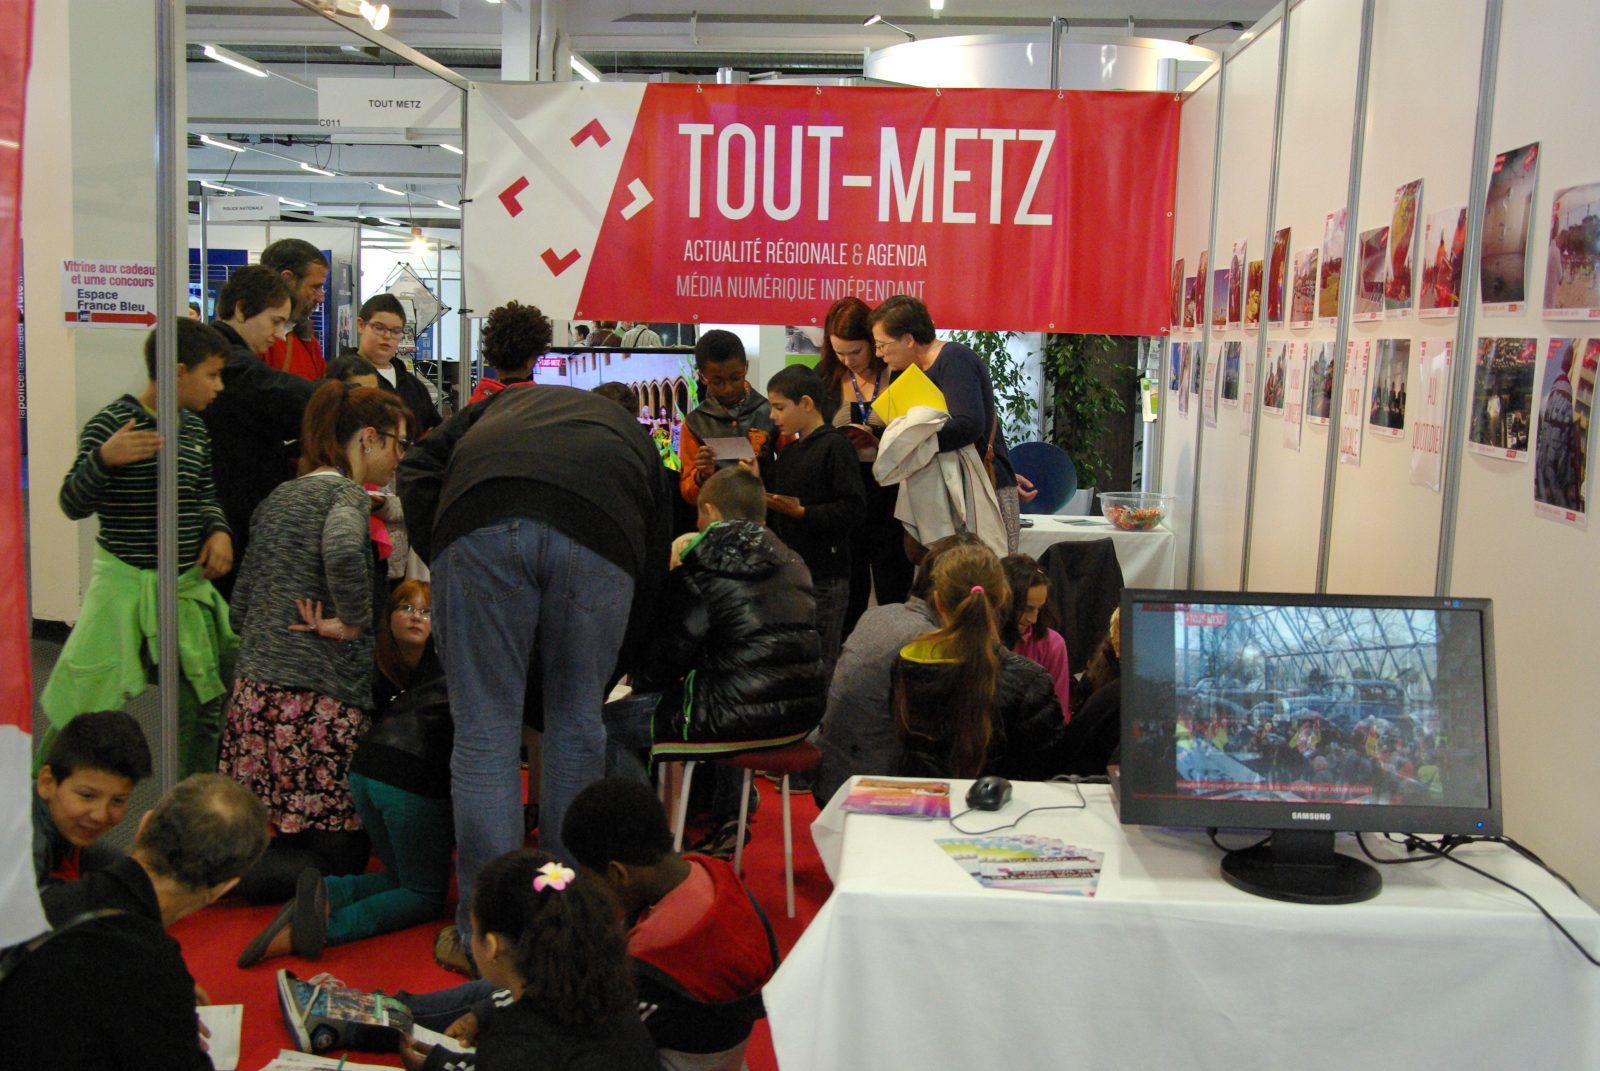 FIM 2014 : quand les enfants s'initient au webjournalisme avec Tout-Metz